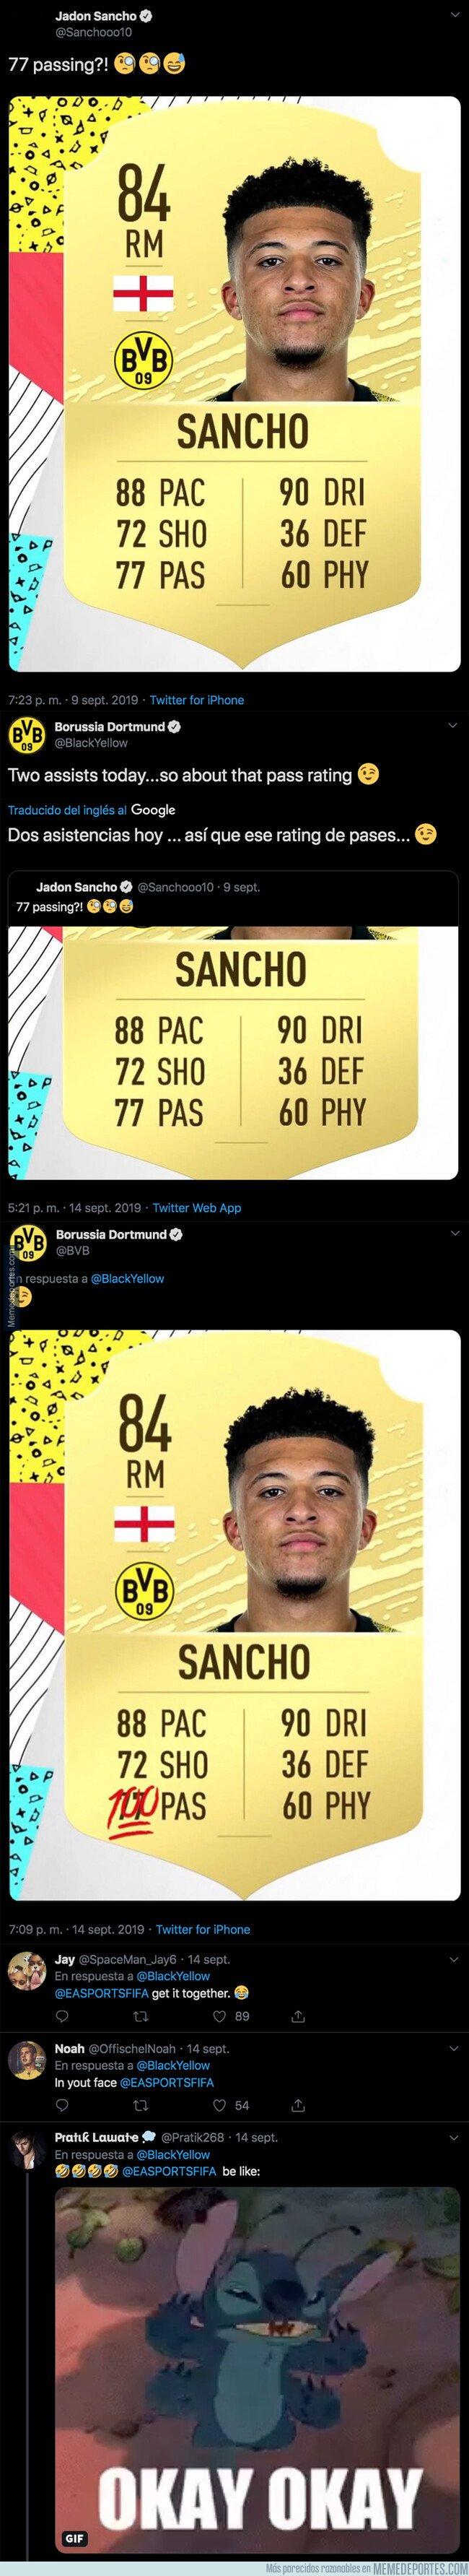 1085984 - Jadon Sancho se la saca en un partido con el BVB y el equipo alemán actualiza su carta del FIFA tras el lamentable rating de pase que le han puesto